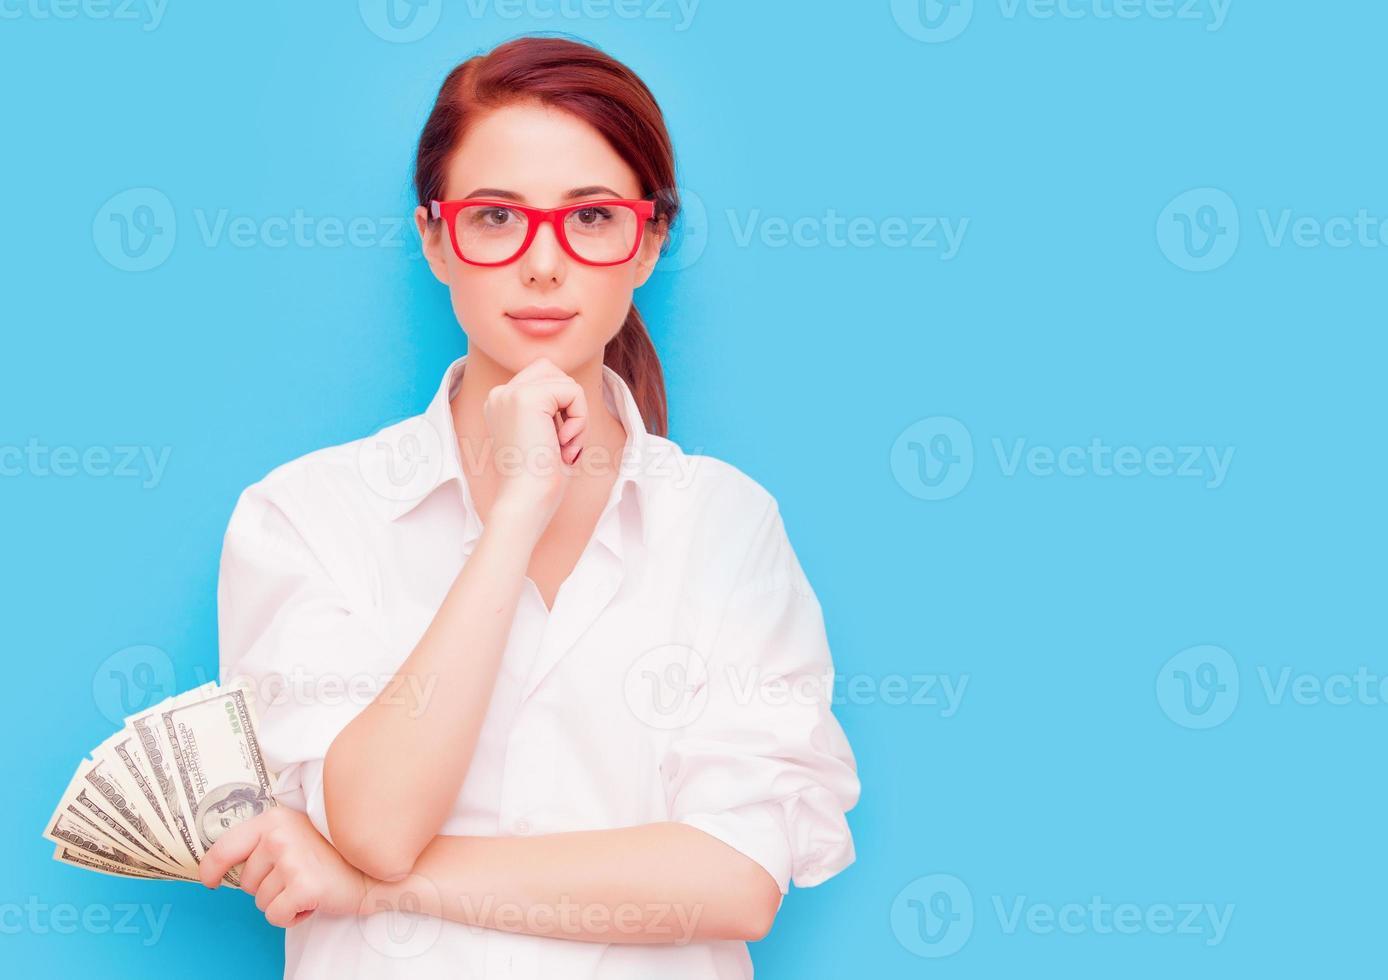 Retrato de mujer pelirroja con gafas rojas con dinero foto